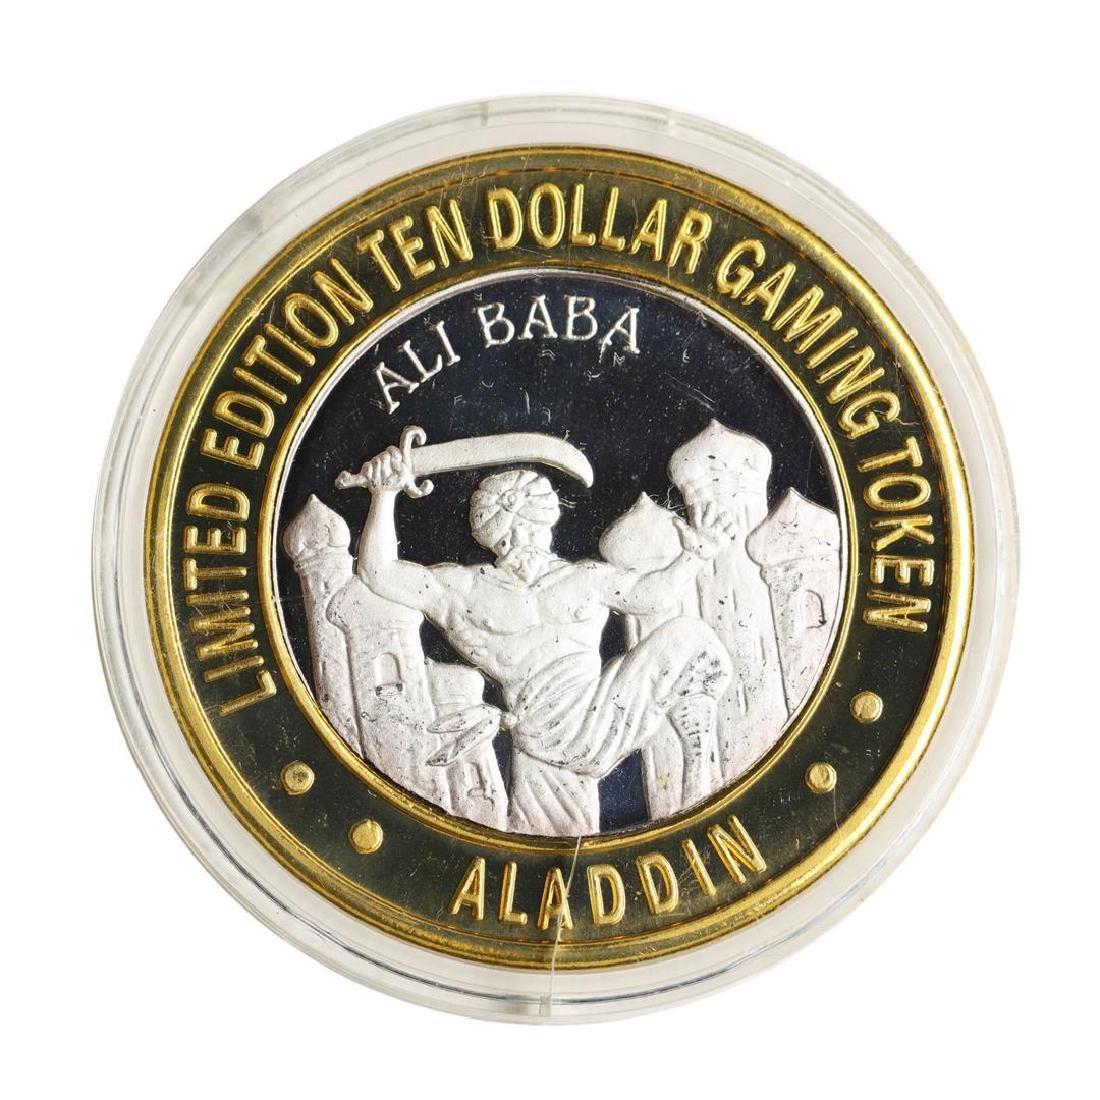 .999 Silver Aladdin Resort Casino $10 Casino Limited